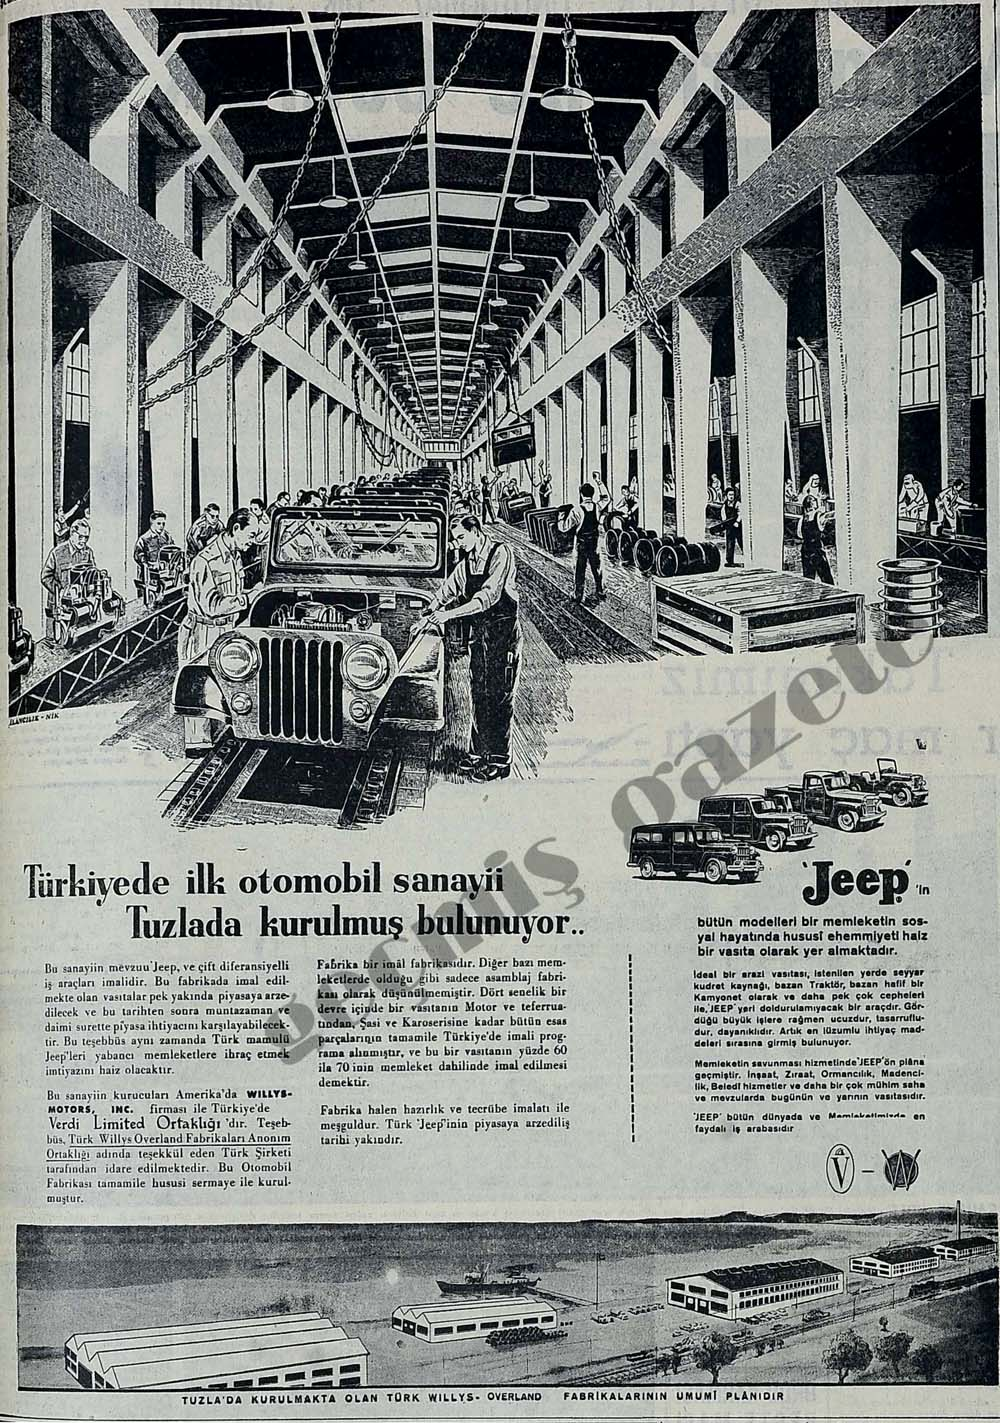 Türkiyede ilk otomobil sanayii Tuzlada kurulmuş bulunuyor..Jeep